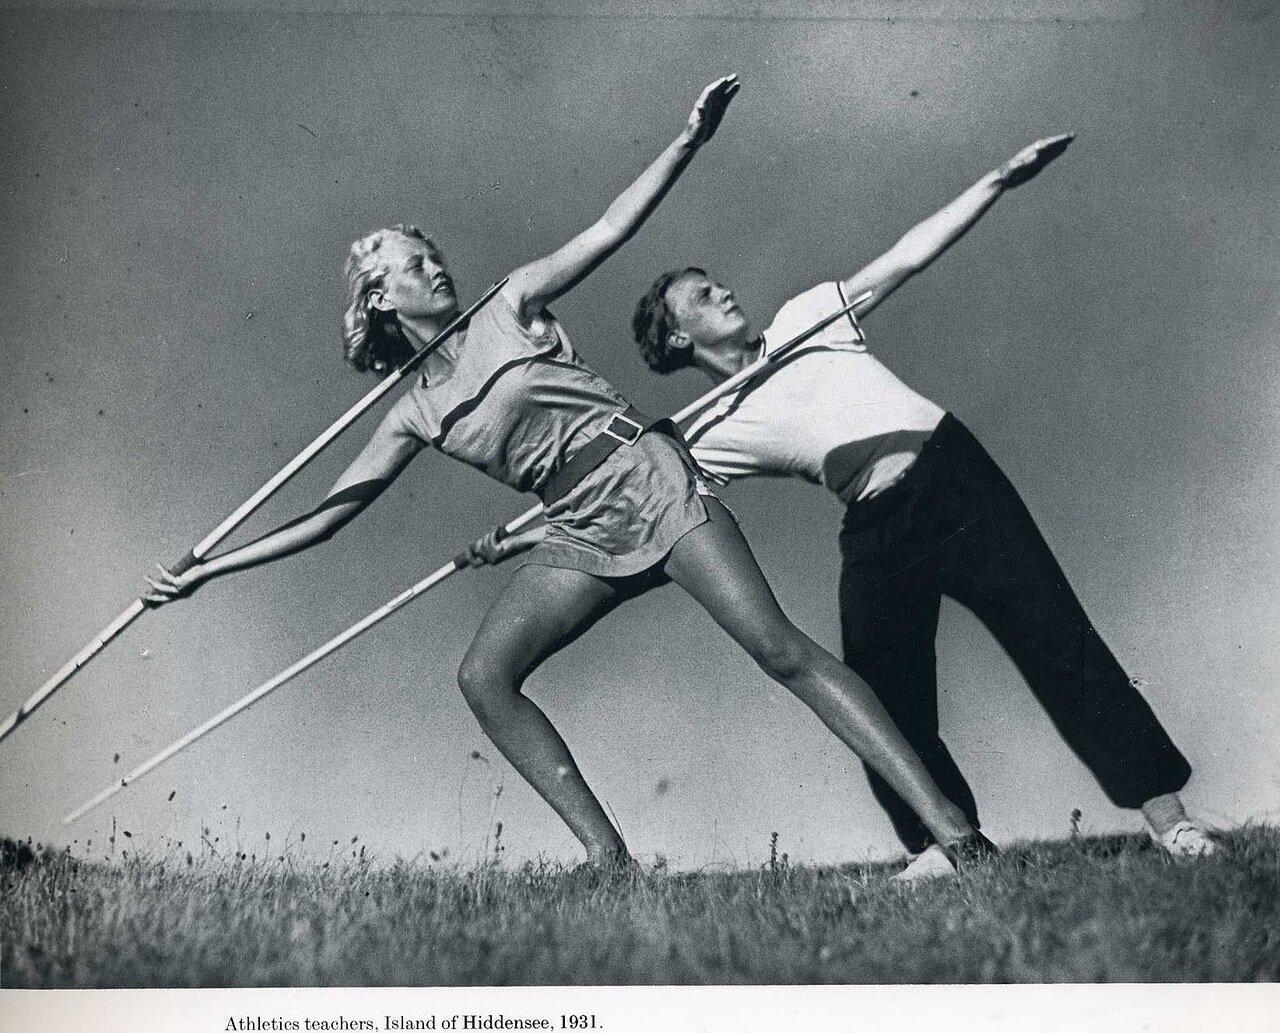 1931.Тренировка атлетов, остров Хидденз